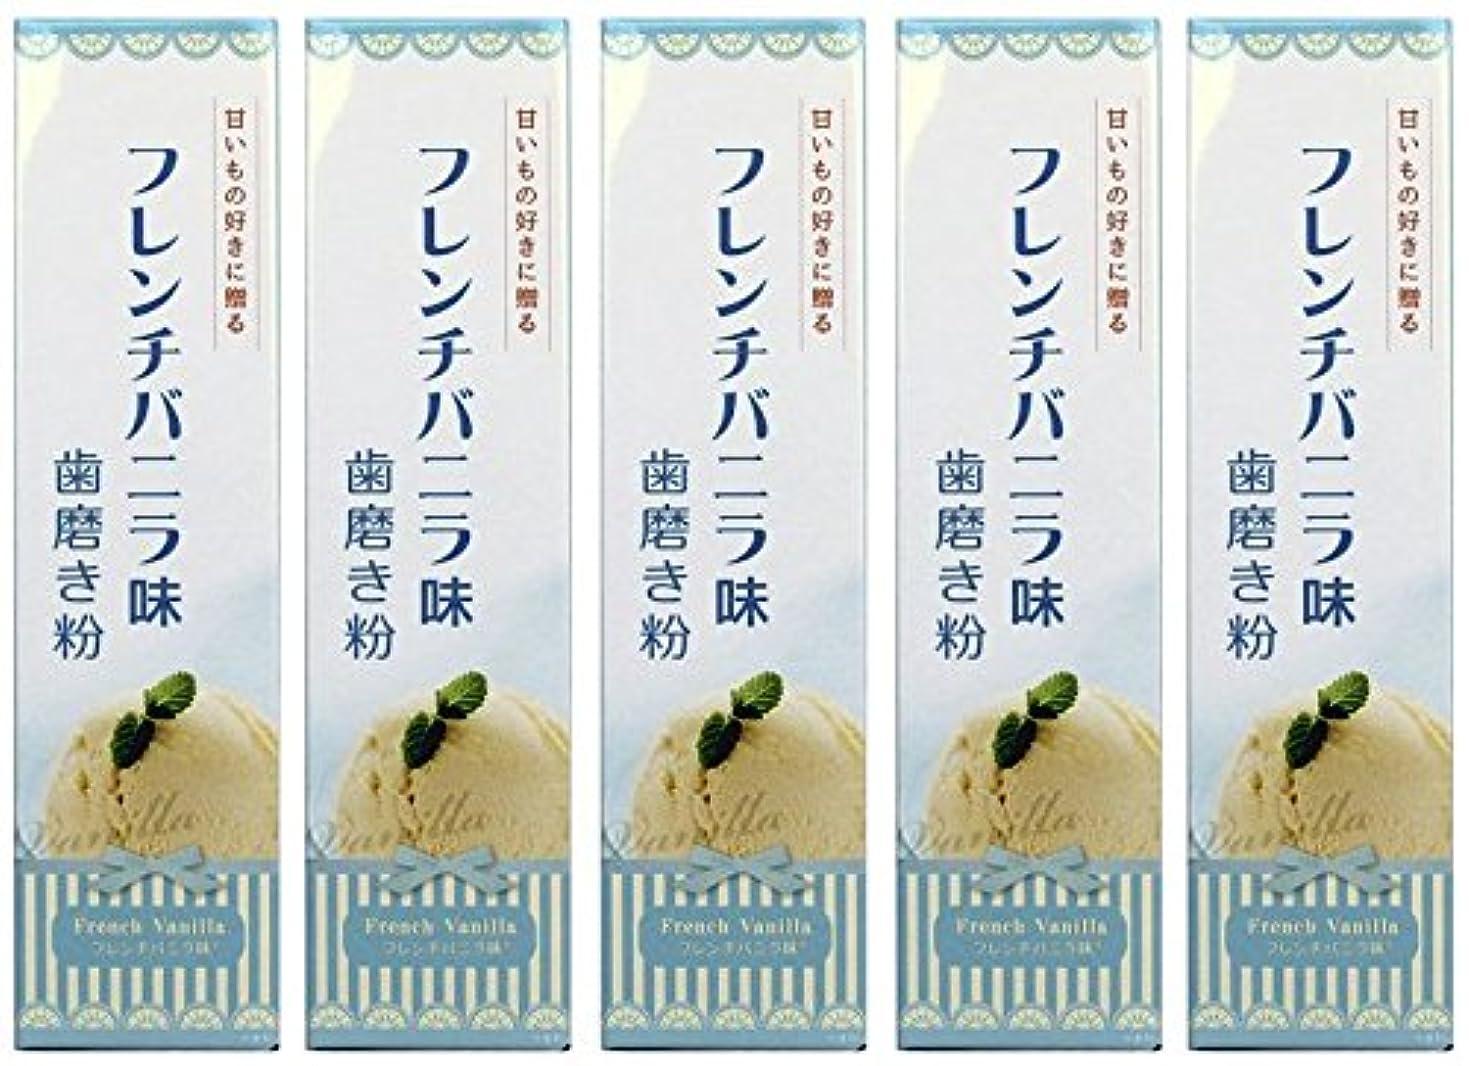 実行可能壊す課すSWEETS 歯磨き粉 バニラ味 70g (5本)